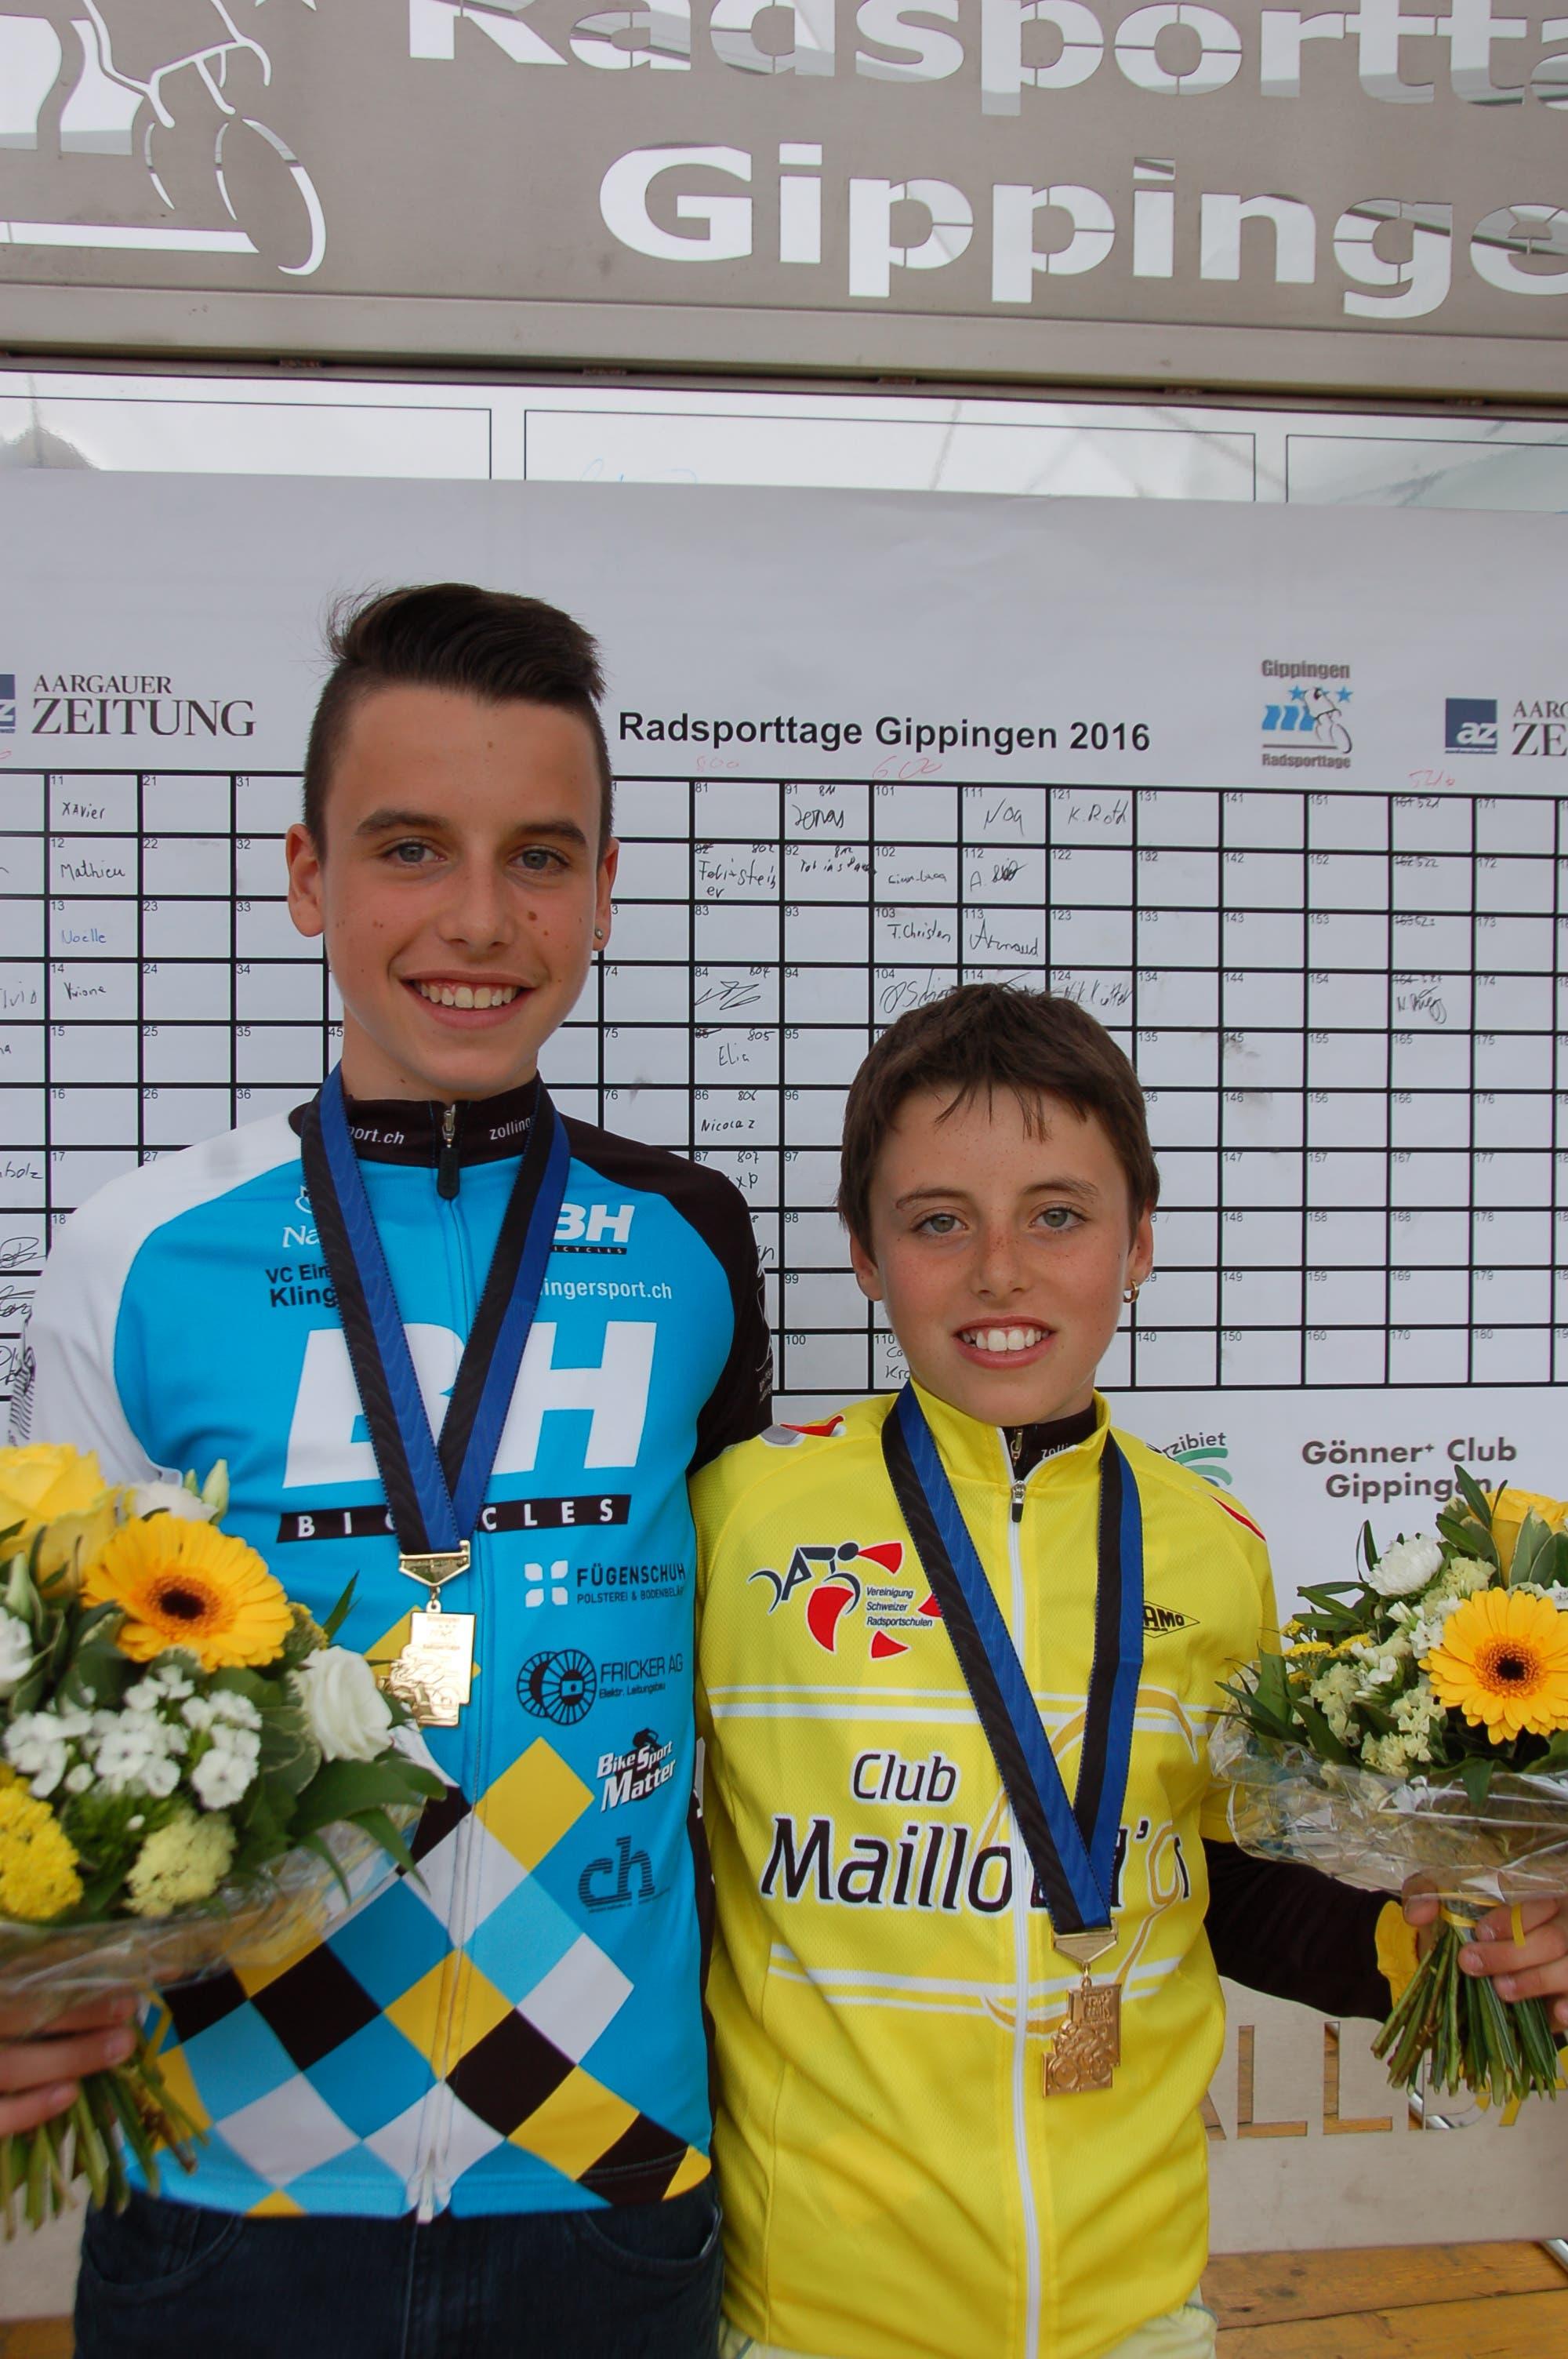 Fabio Christen und sein jüngerer Bruder Jan mit Medaille an den Radsporttagen Gippingen 2016.